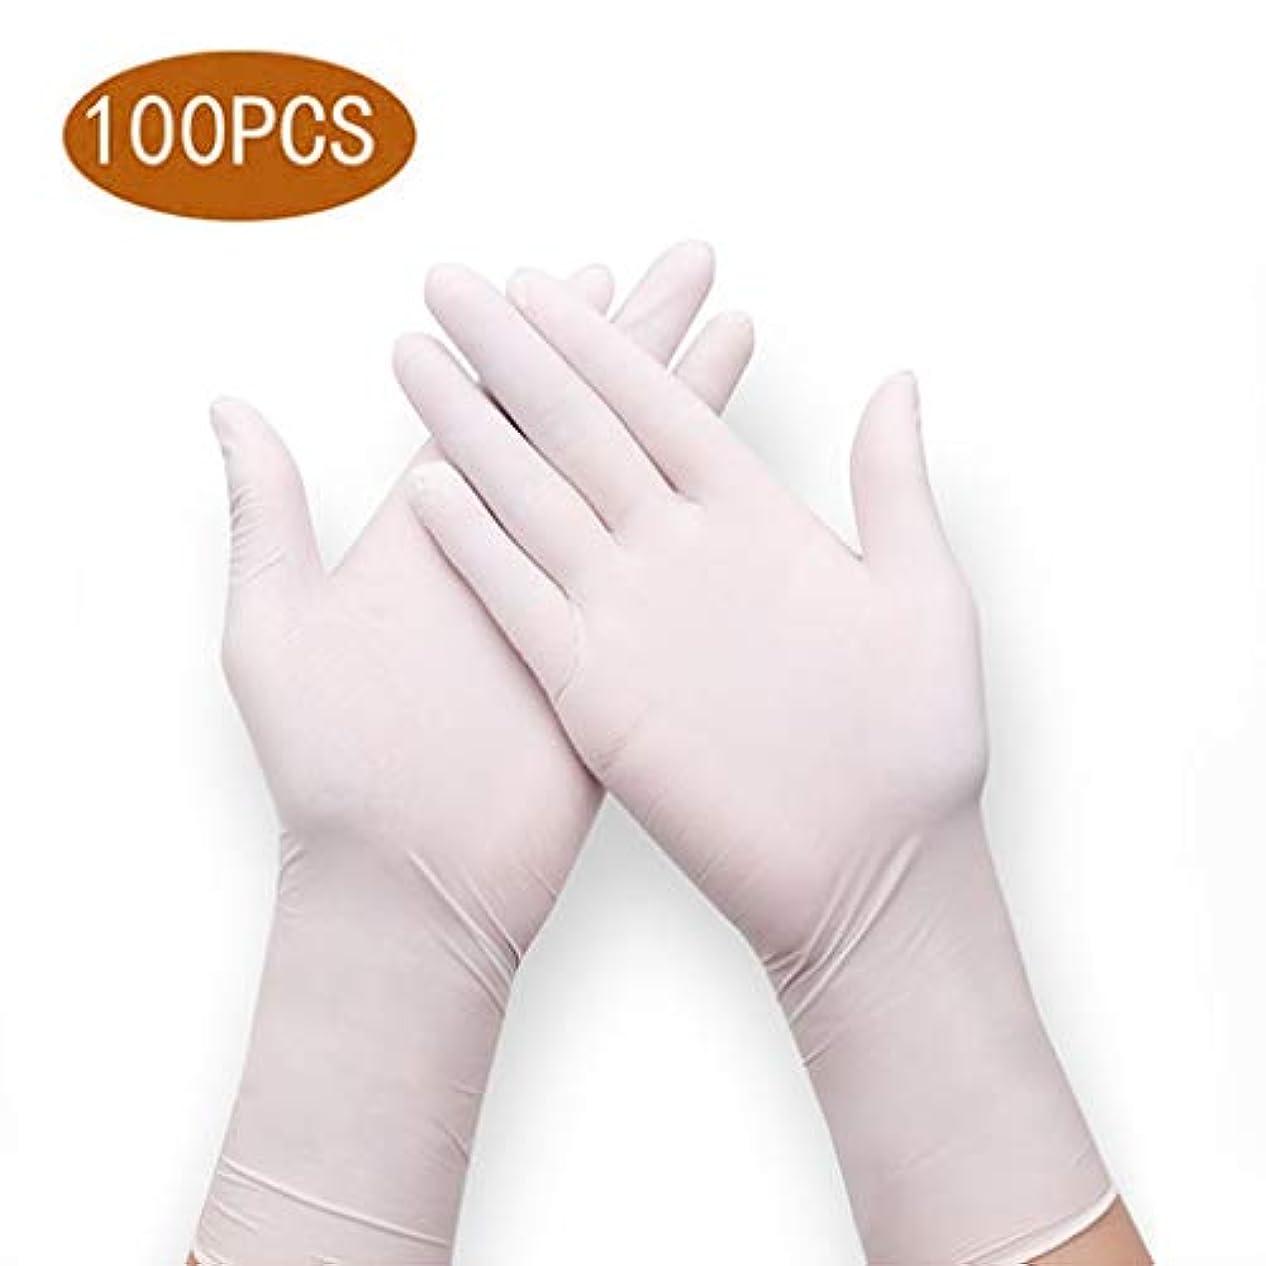 ブラジャーサッカーポルノニトリル手袋ビニール試験使い捨て手袋-家庭用の毎日の台所の洗浄と延長、6ミル、ゴム労働保護美容院ラテックスフリー、パウダーフリー、両手利き、100個 (Size : M)